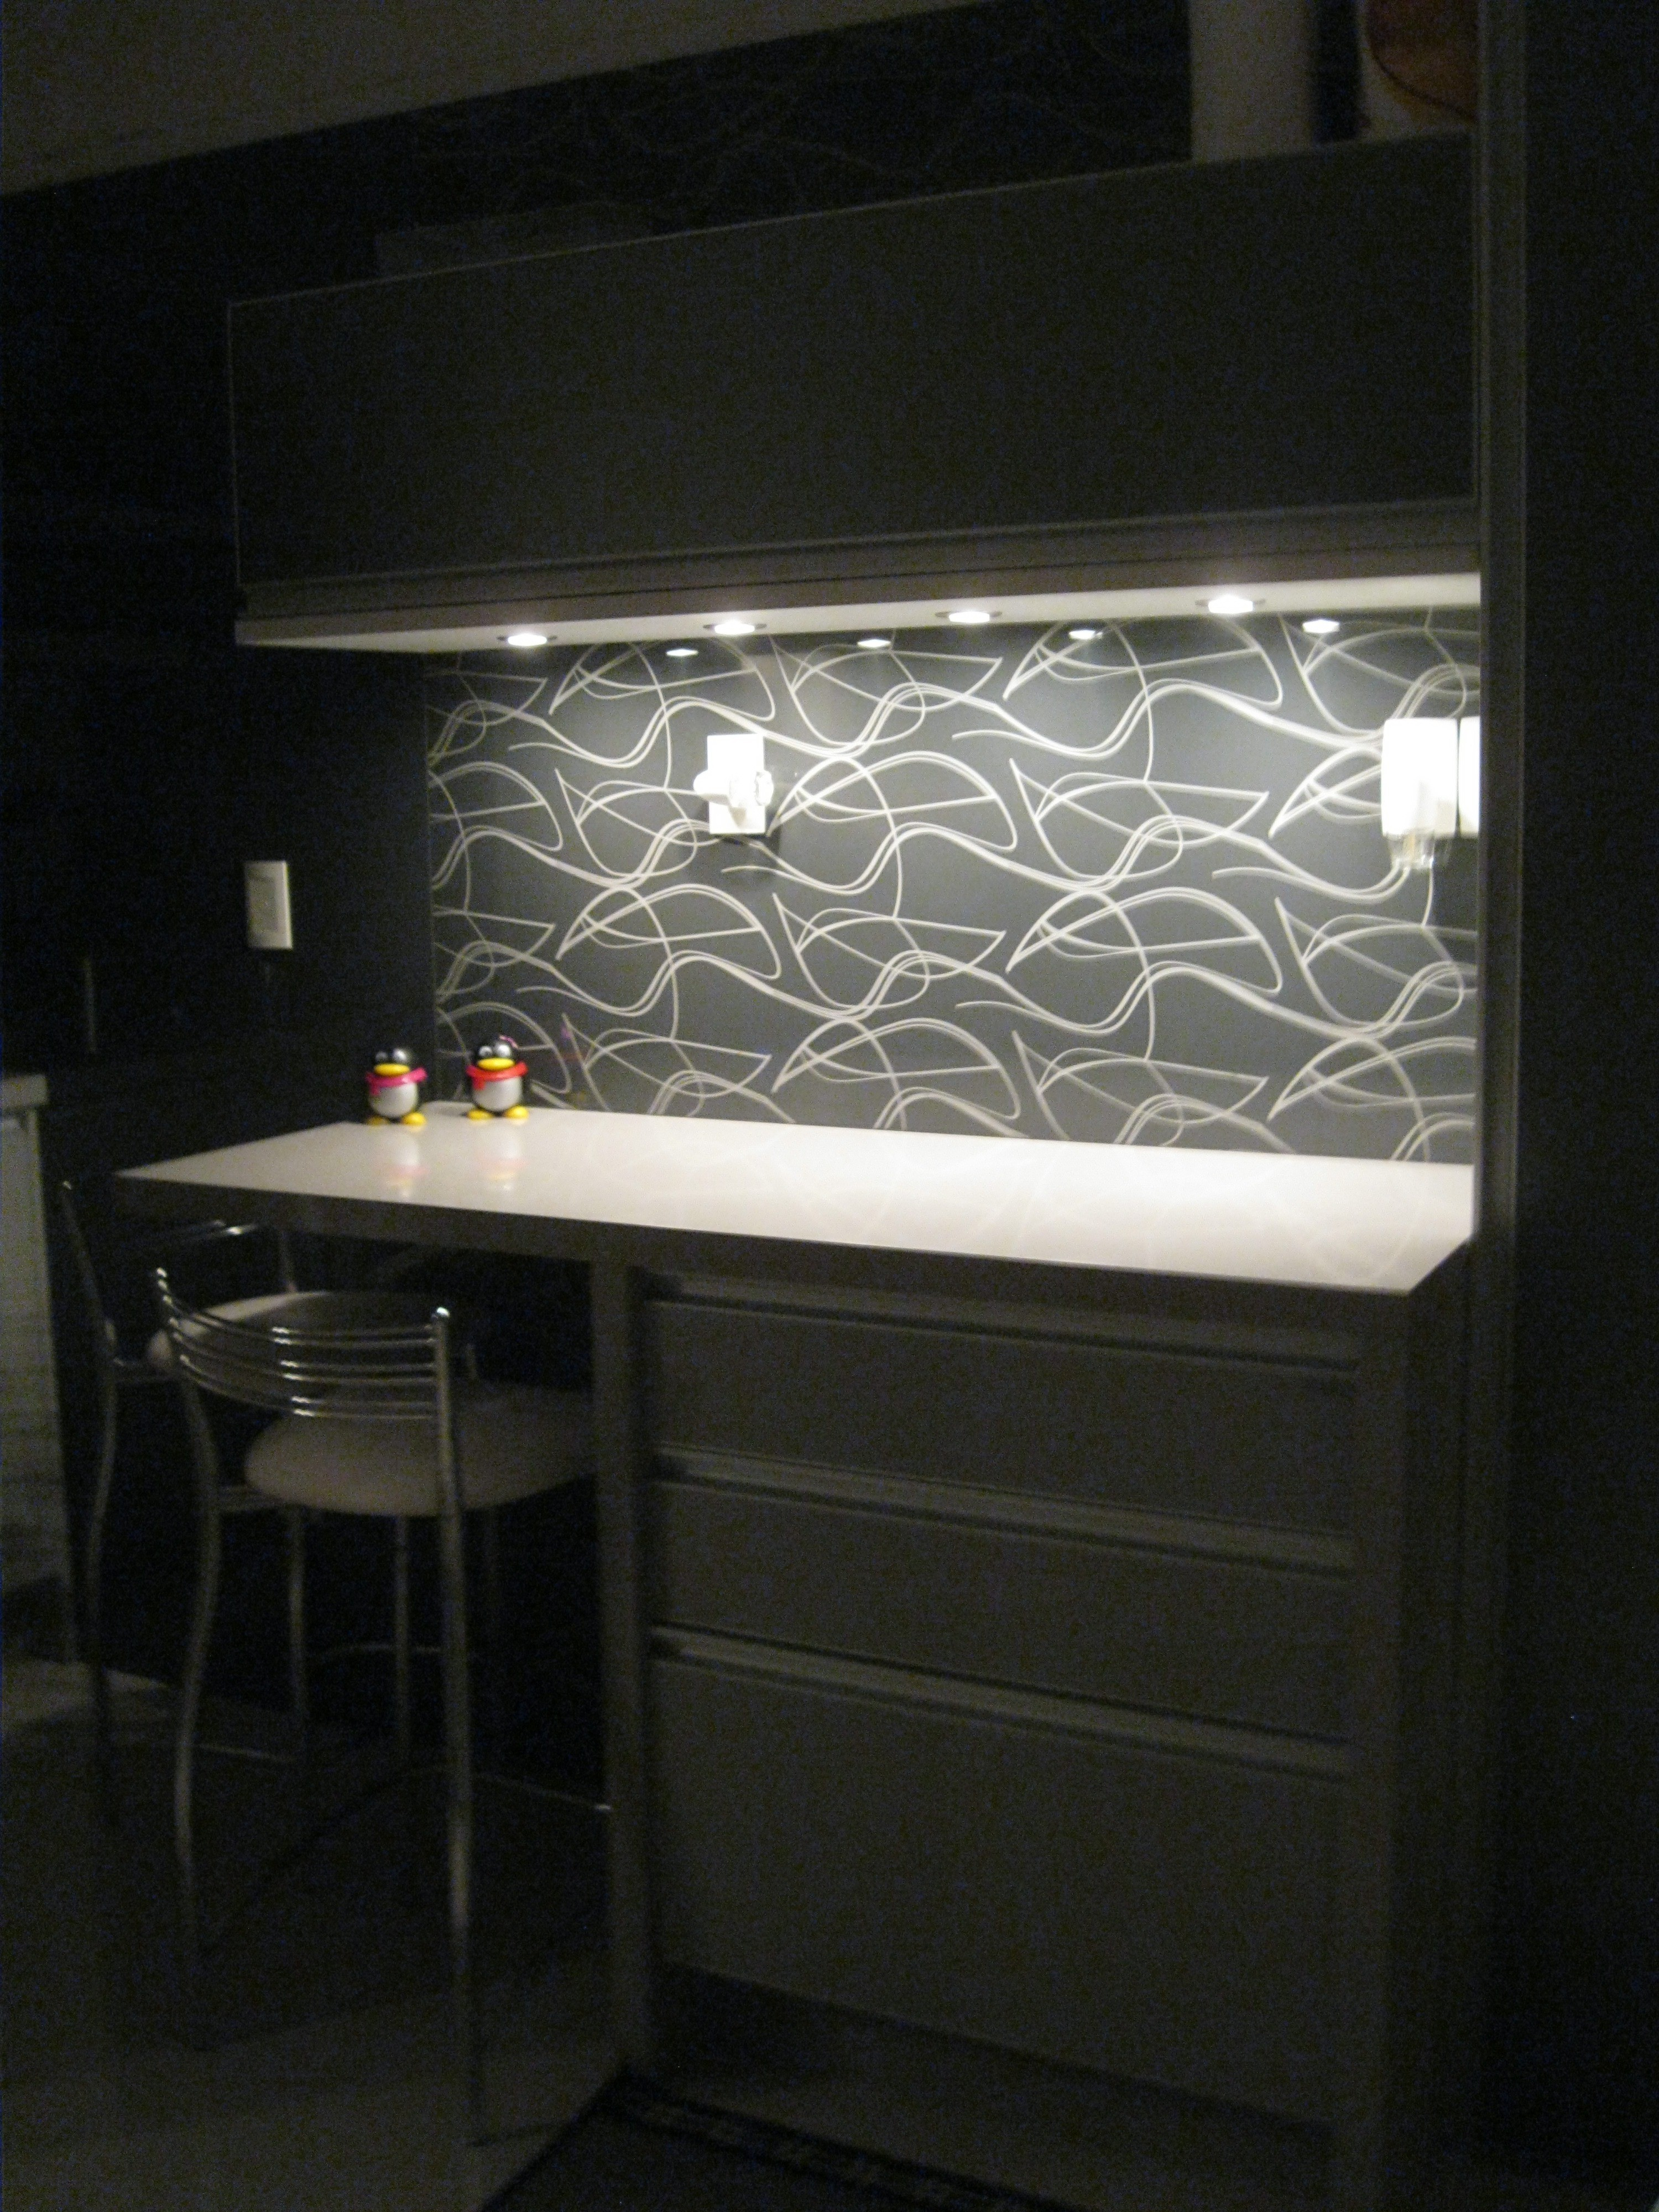 #AA9421 Cozinha – Av. Dom Joaquim 3000x4000 px Projetos De Cozinhas Com Coifas #453 imagens